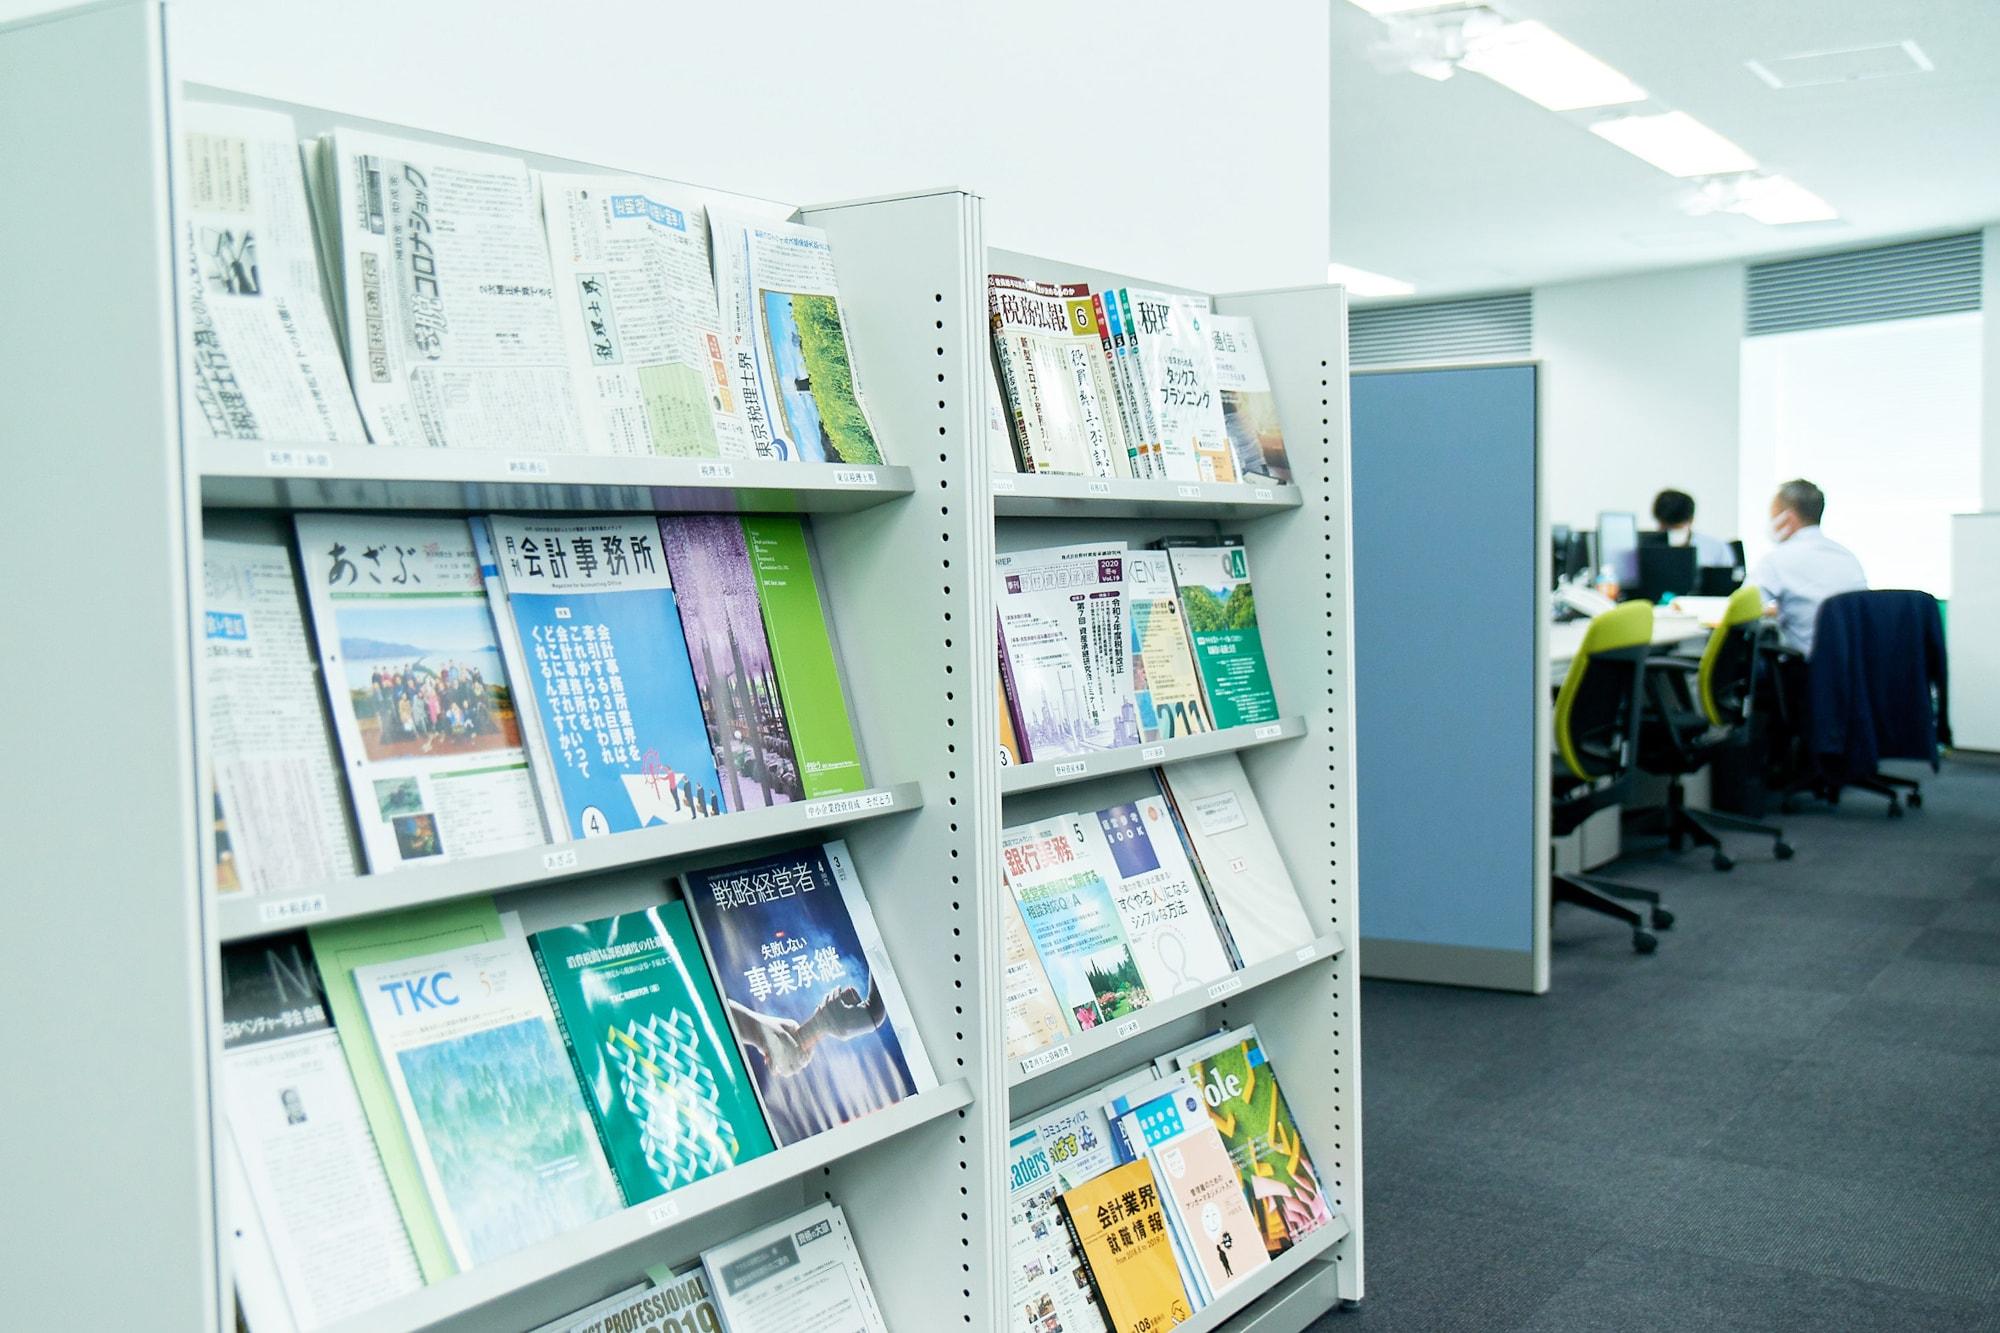 赤坂事務所の各フロアにある「専門誌・業界新聞コーナー」。最新動向、情報収集にご利用ください。